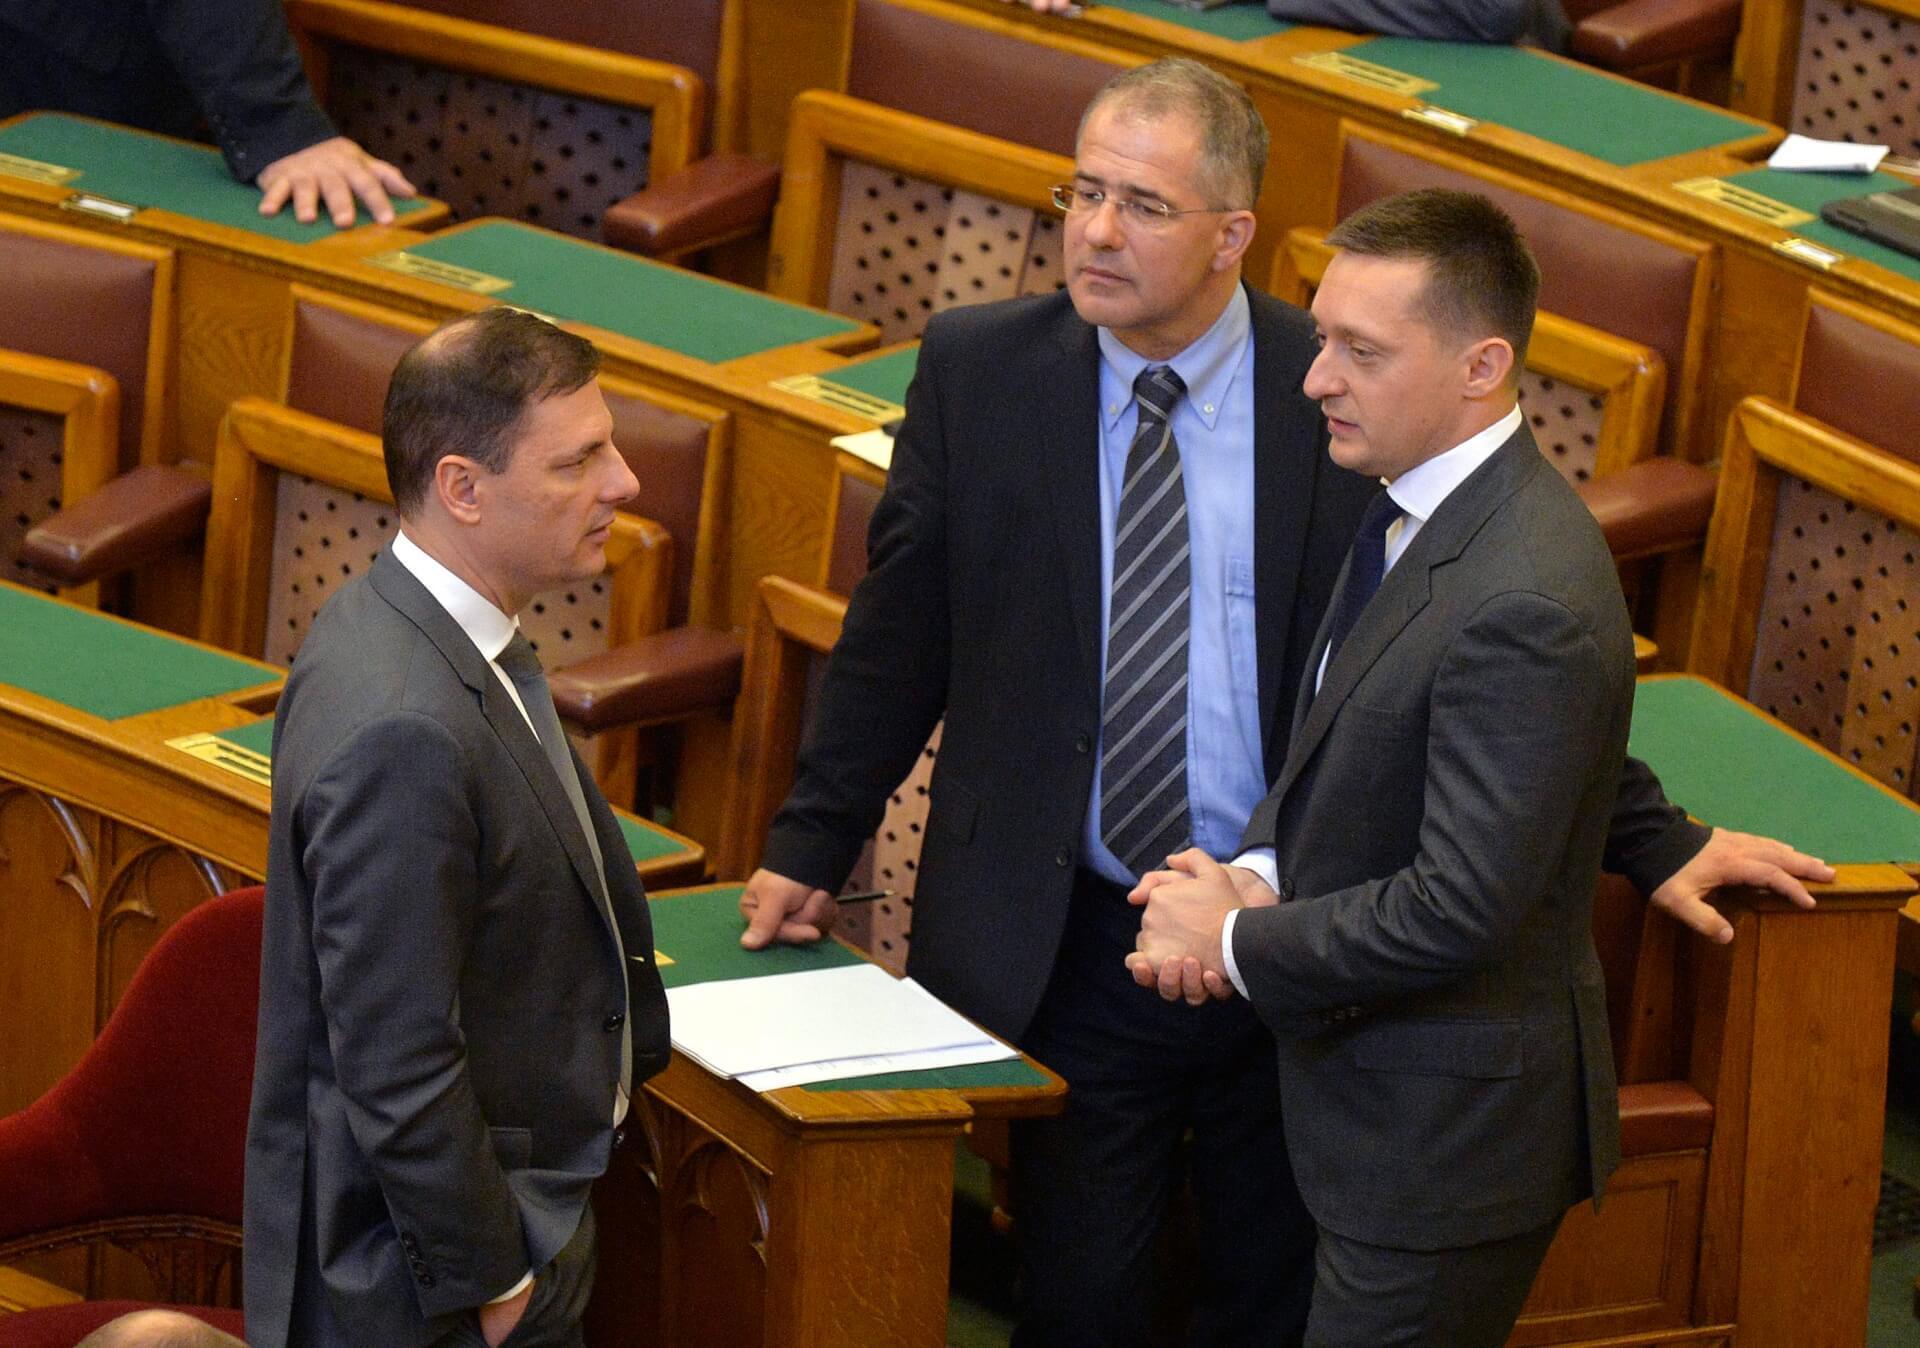 Budapest, 2015. november 2. Rogán Antal, a Miniszterelnöki Kabinetirodát vezetõ miniszter (j), Kósa Lajos, a Fidesz frakcióvezetõje (j2) és Tuzson Bence, a Miniszterelnöki Kabinetiroda államtitkára (b) beszélget az Országgyûlés plenáris ülésének kezdete elõtt 2015. november 2-án. MTI Fotó: Máthé Zoltán